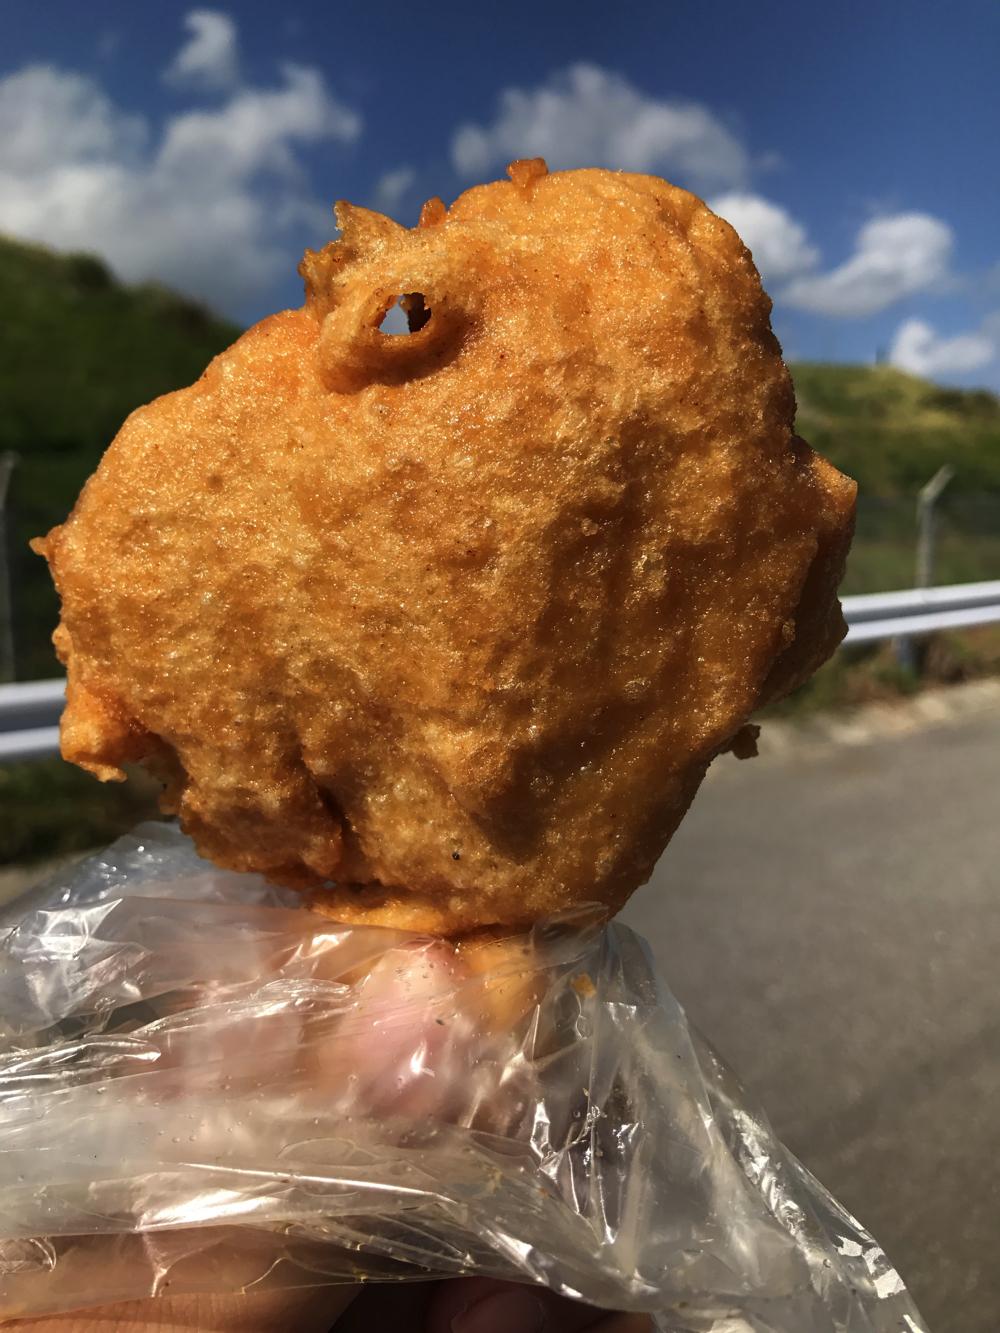 【オヤツ部】とろぴかるはうす 元祖小麦チキン 200円